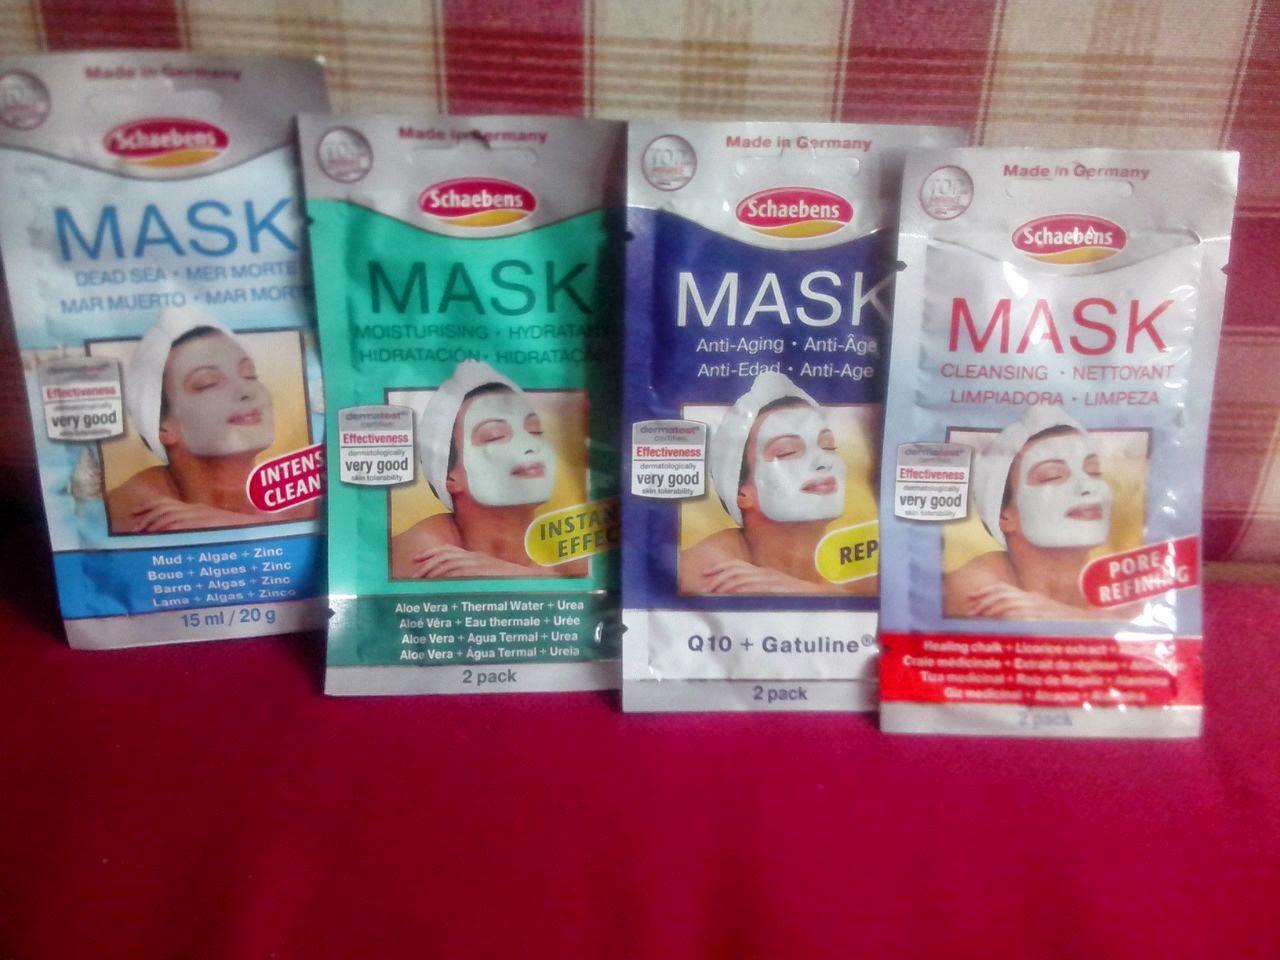 mascarillas faciales schaebens de freefarma